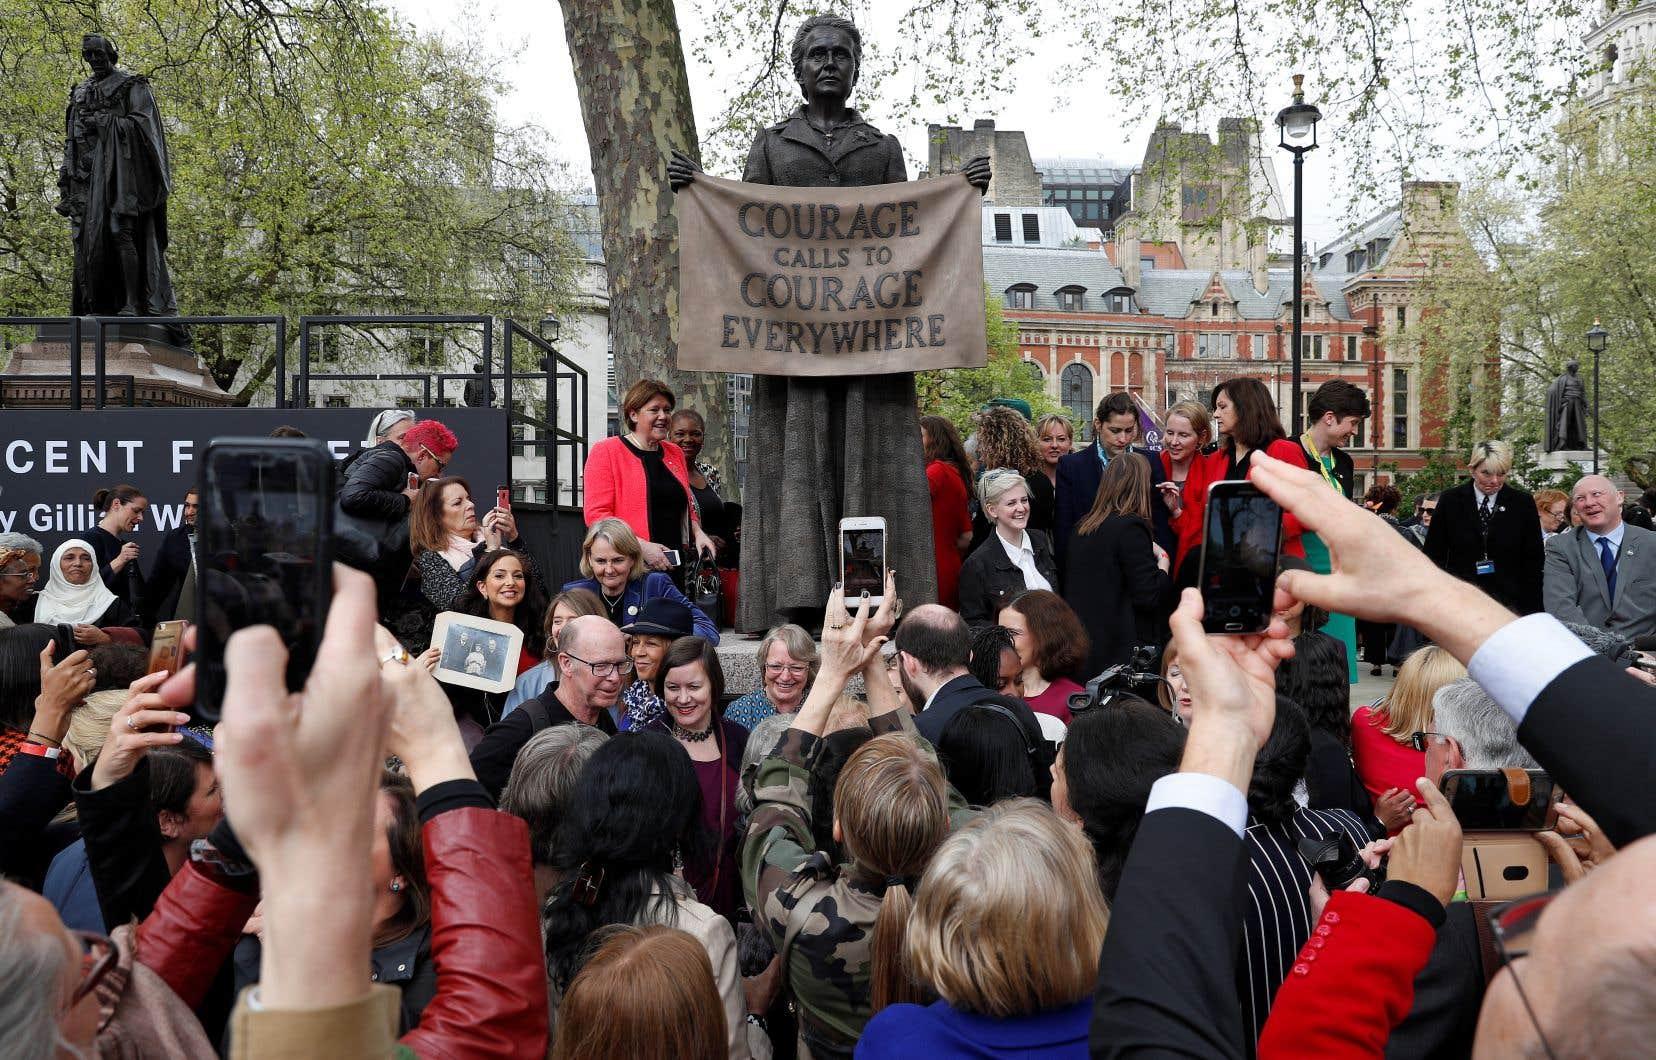 La statue de bronze, réalisée par l'artiste Gillian Wearing, a été inaugurée devant le parlement britannique mardi.